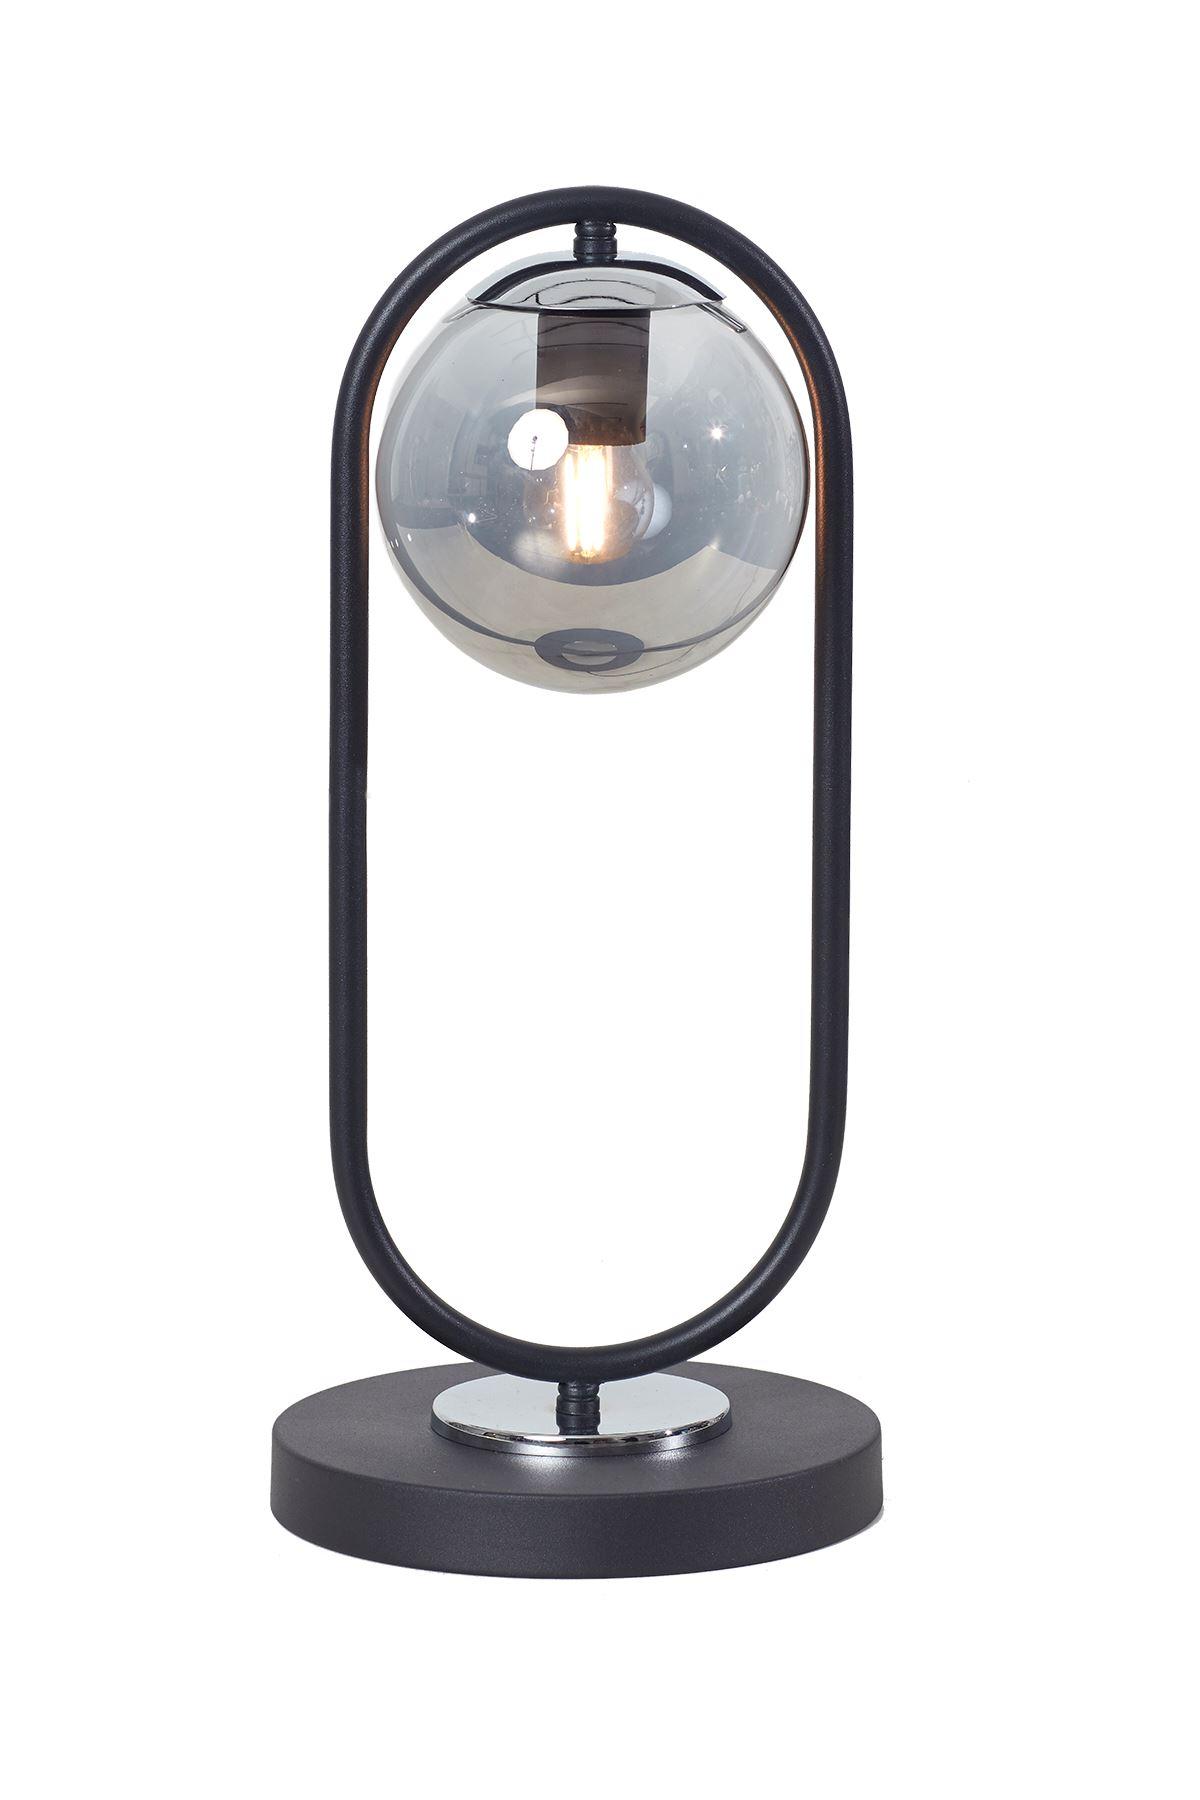 Zenga Siyah-Krom Metal Gövde Füme Camlı Tasarım Lüx Masa Lambası